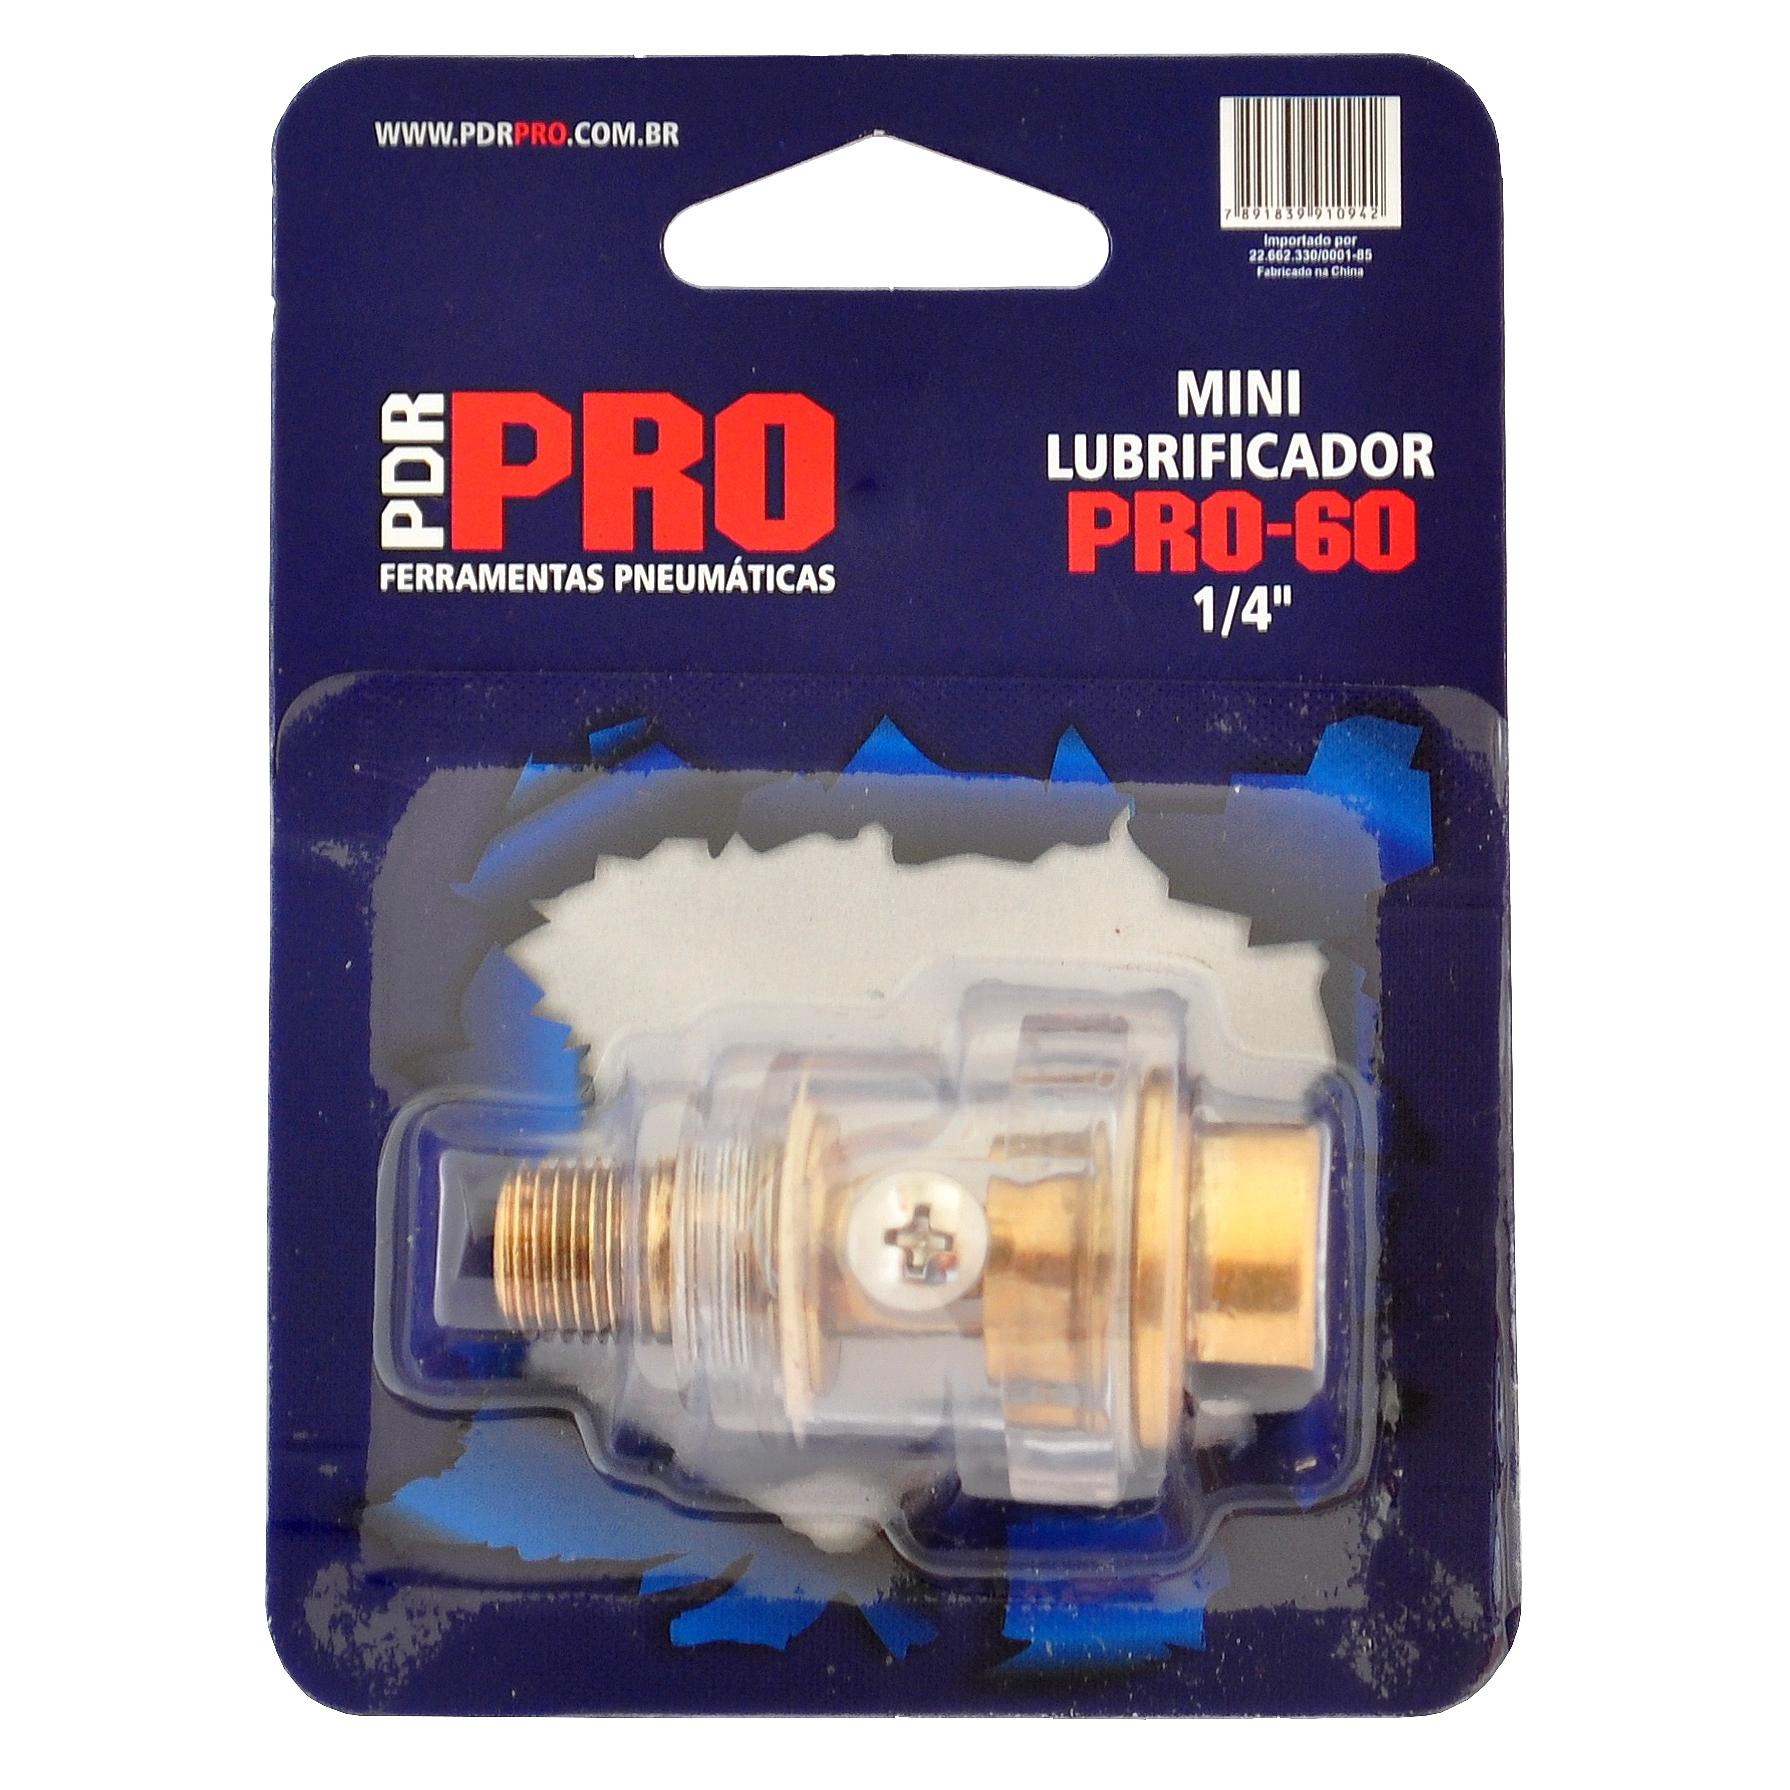 PRO-60 - Mini Lubrificador